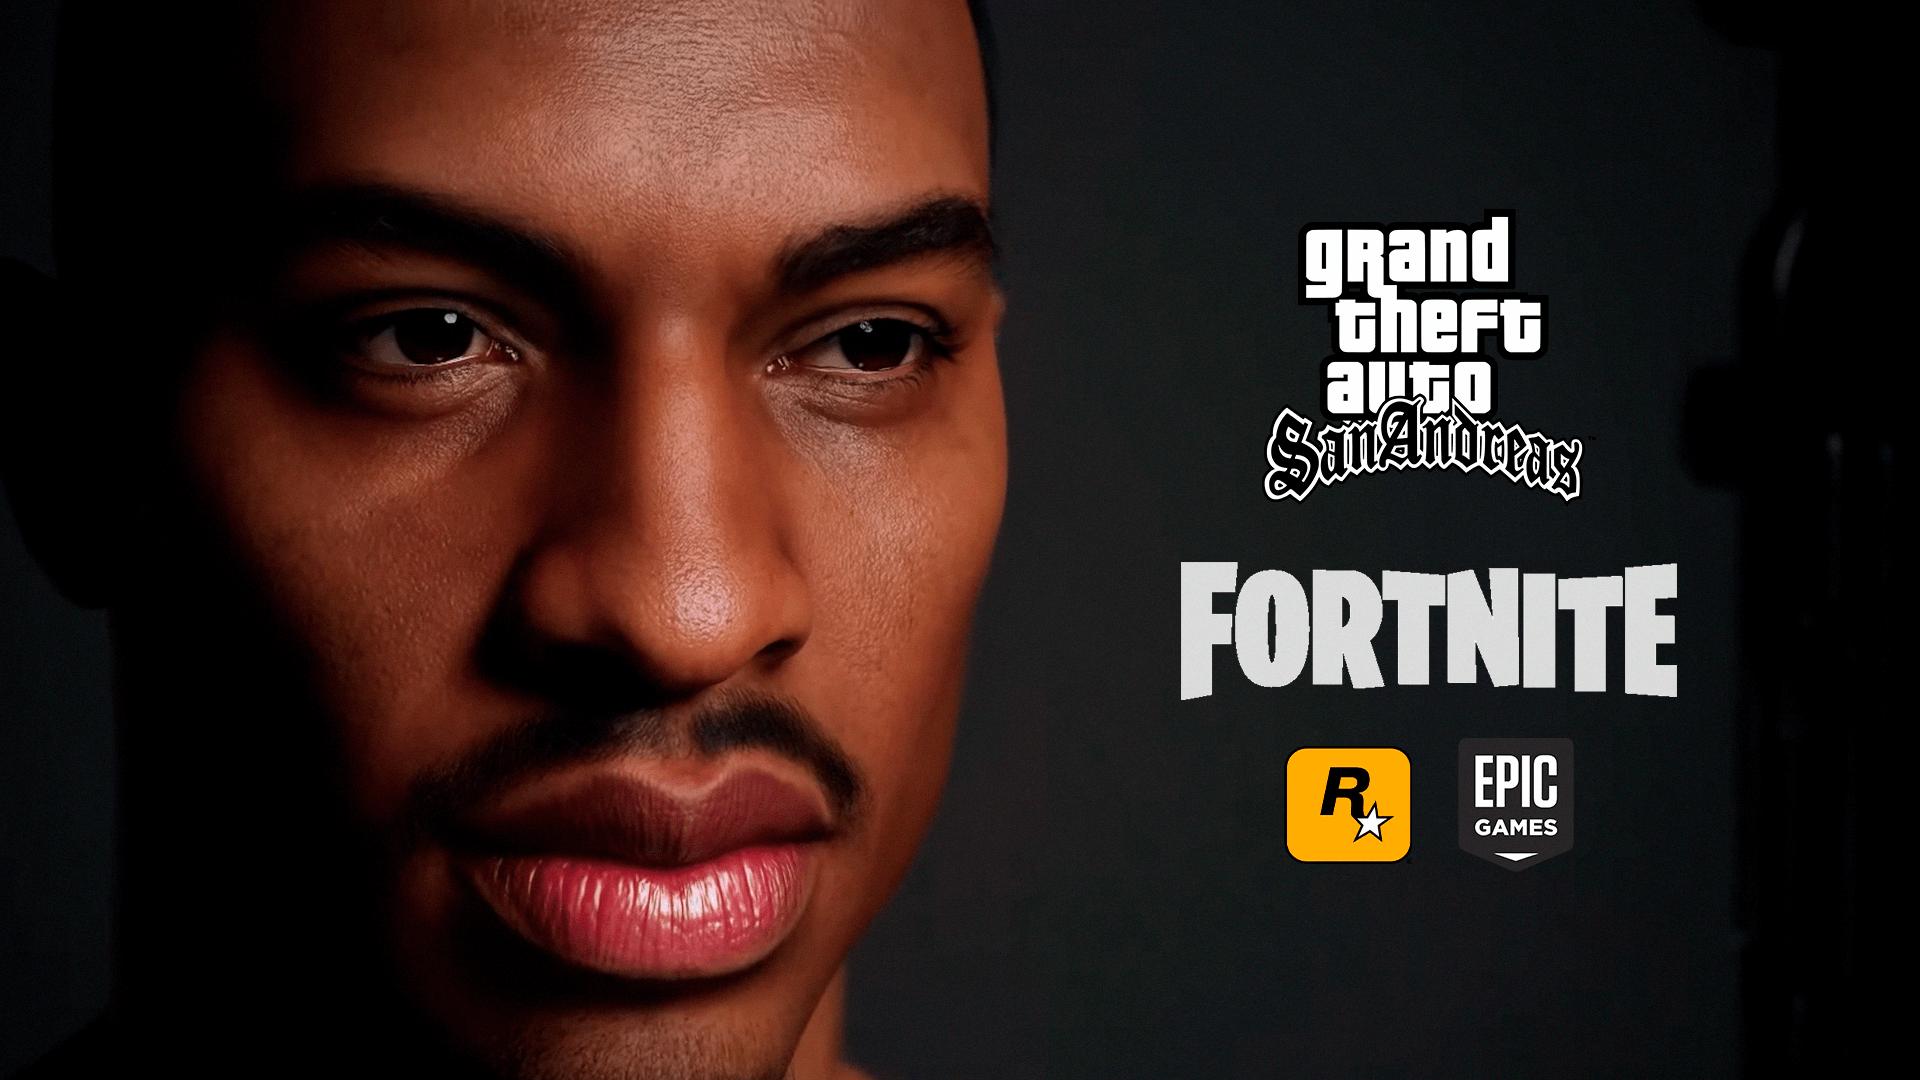 O Fortnite é conhecido por ter diversas parcerias inusitadas, mas agora existe a chance do personagem CJ de GTA San Andreas chegar ao BR.